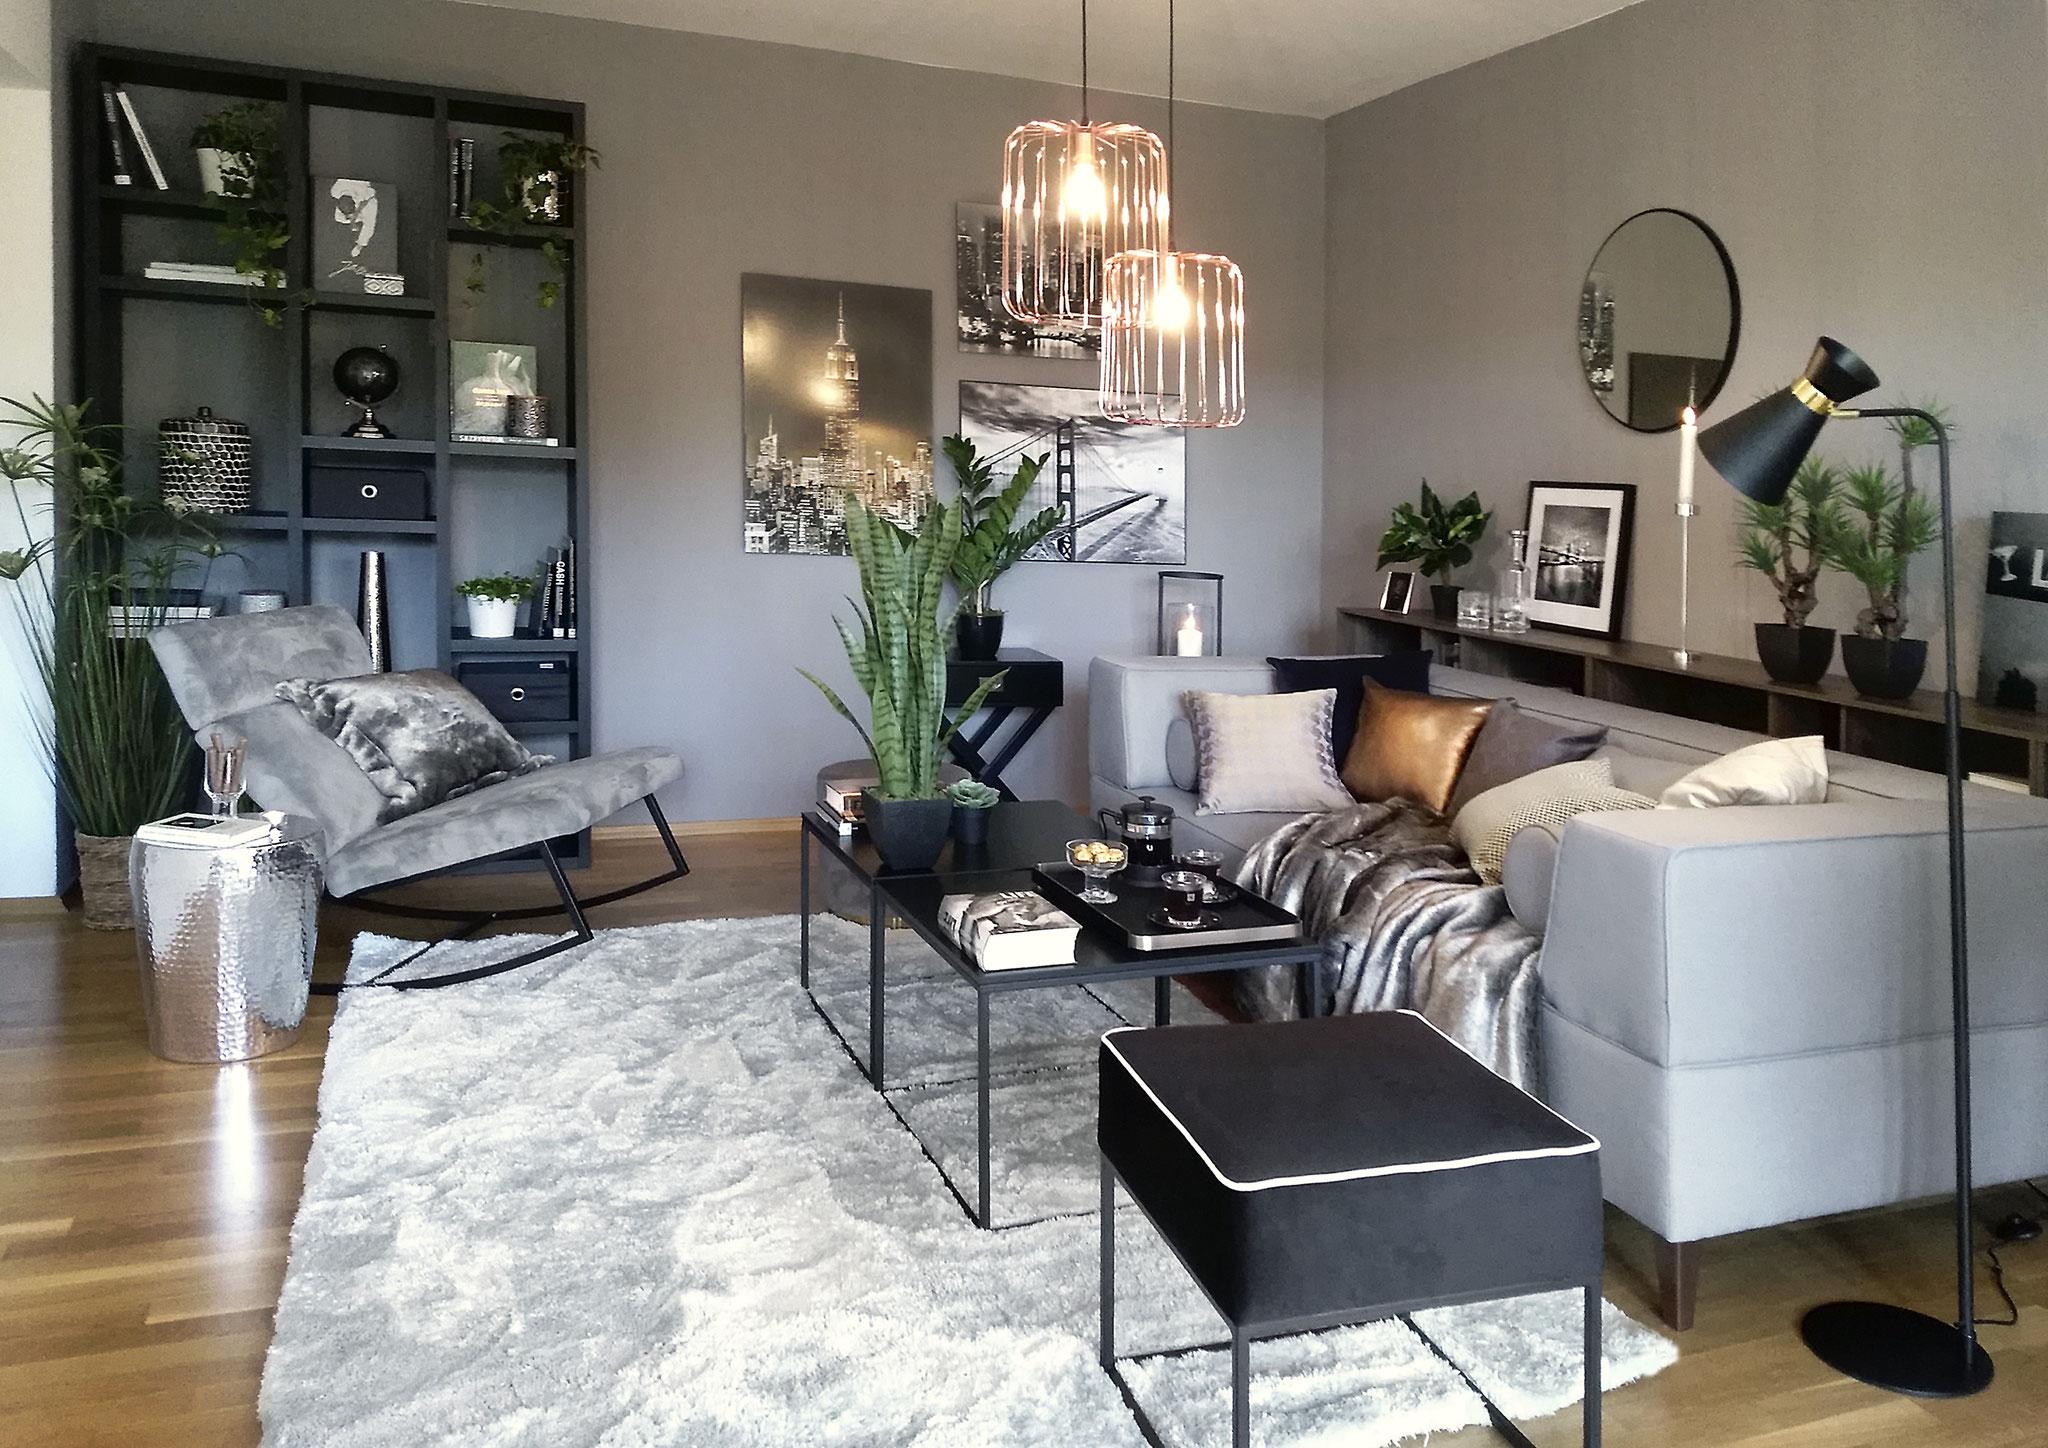 OTTO Wohntraum - 3 Wohnstyles: URBAN